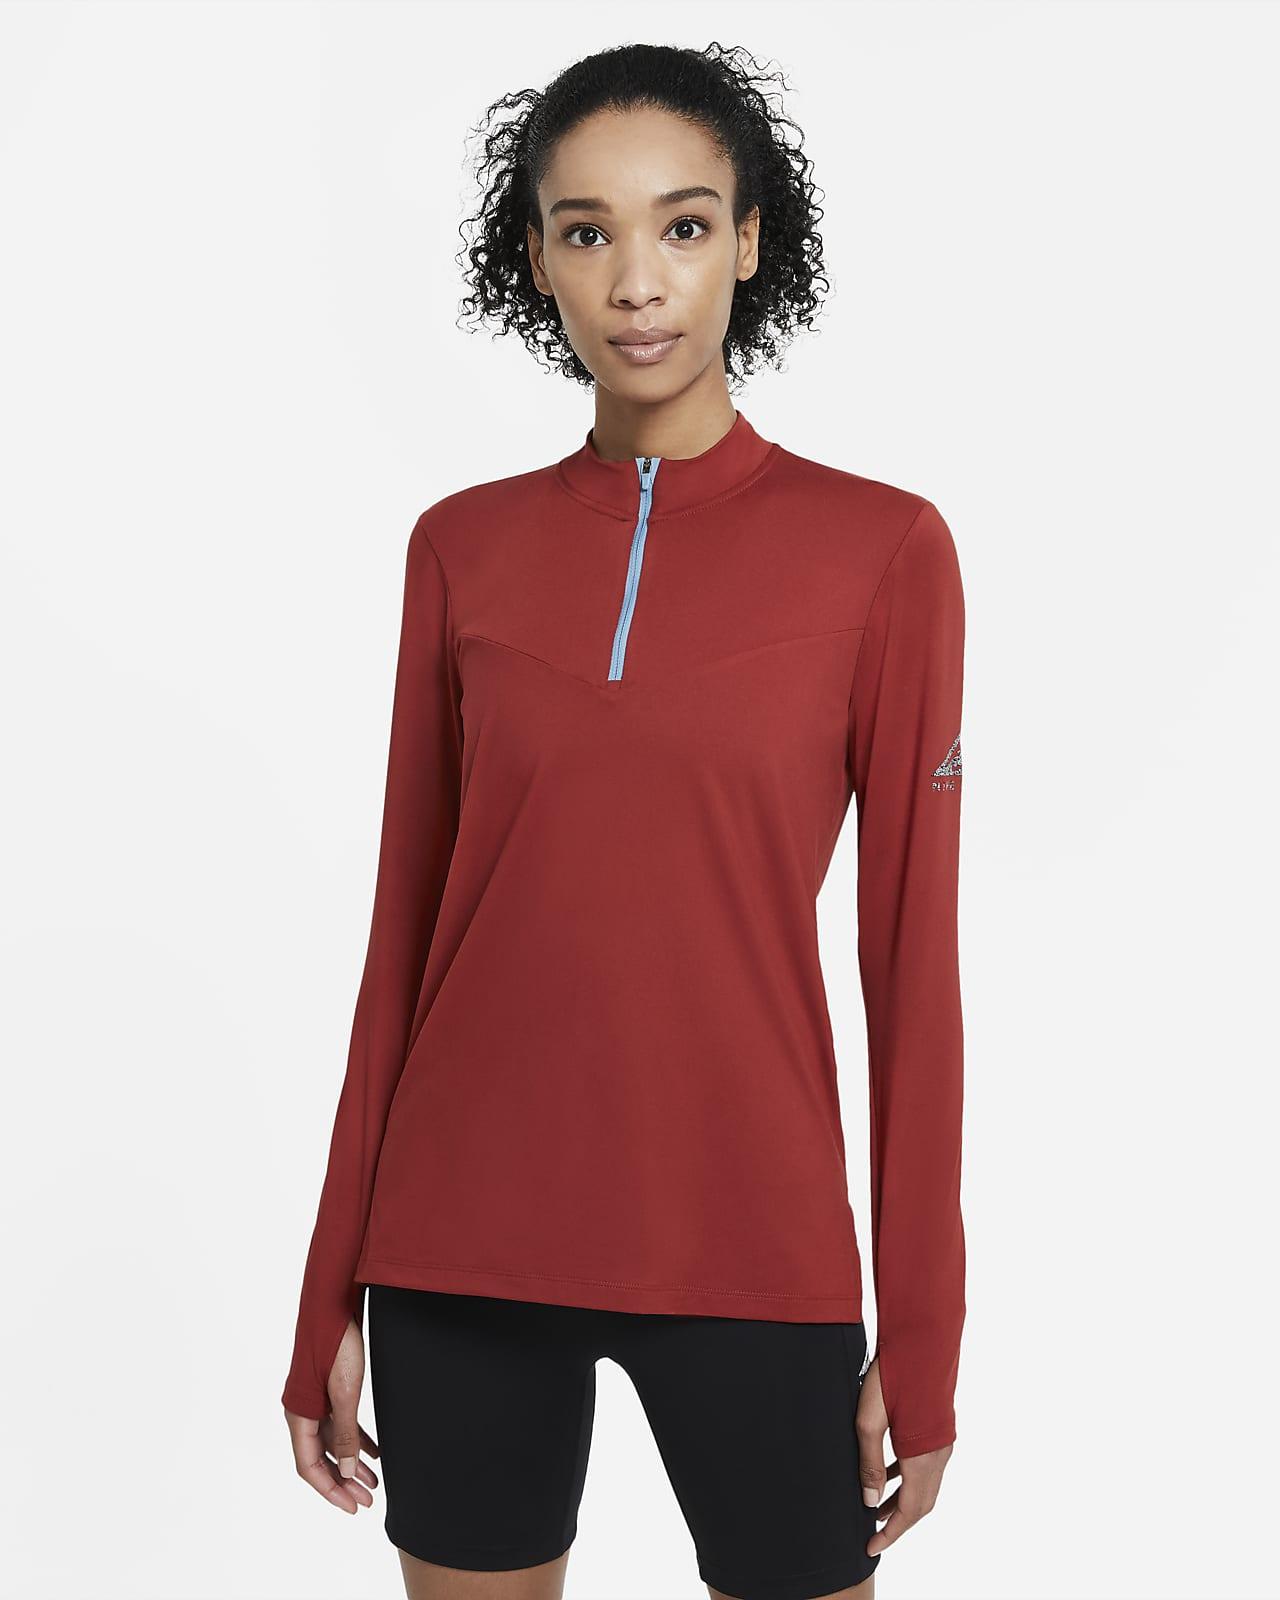 Haut intermédiaire de trail Nike pour Femme